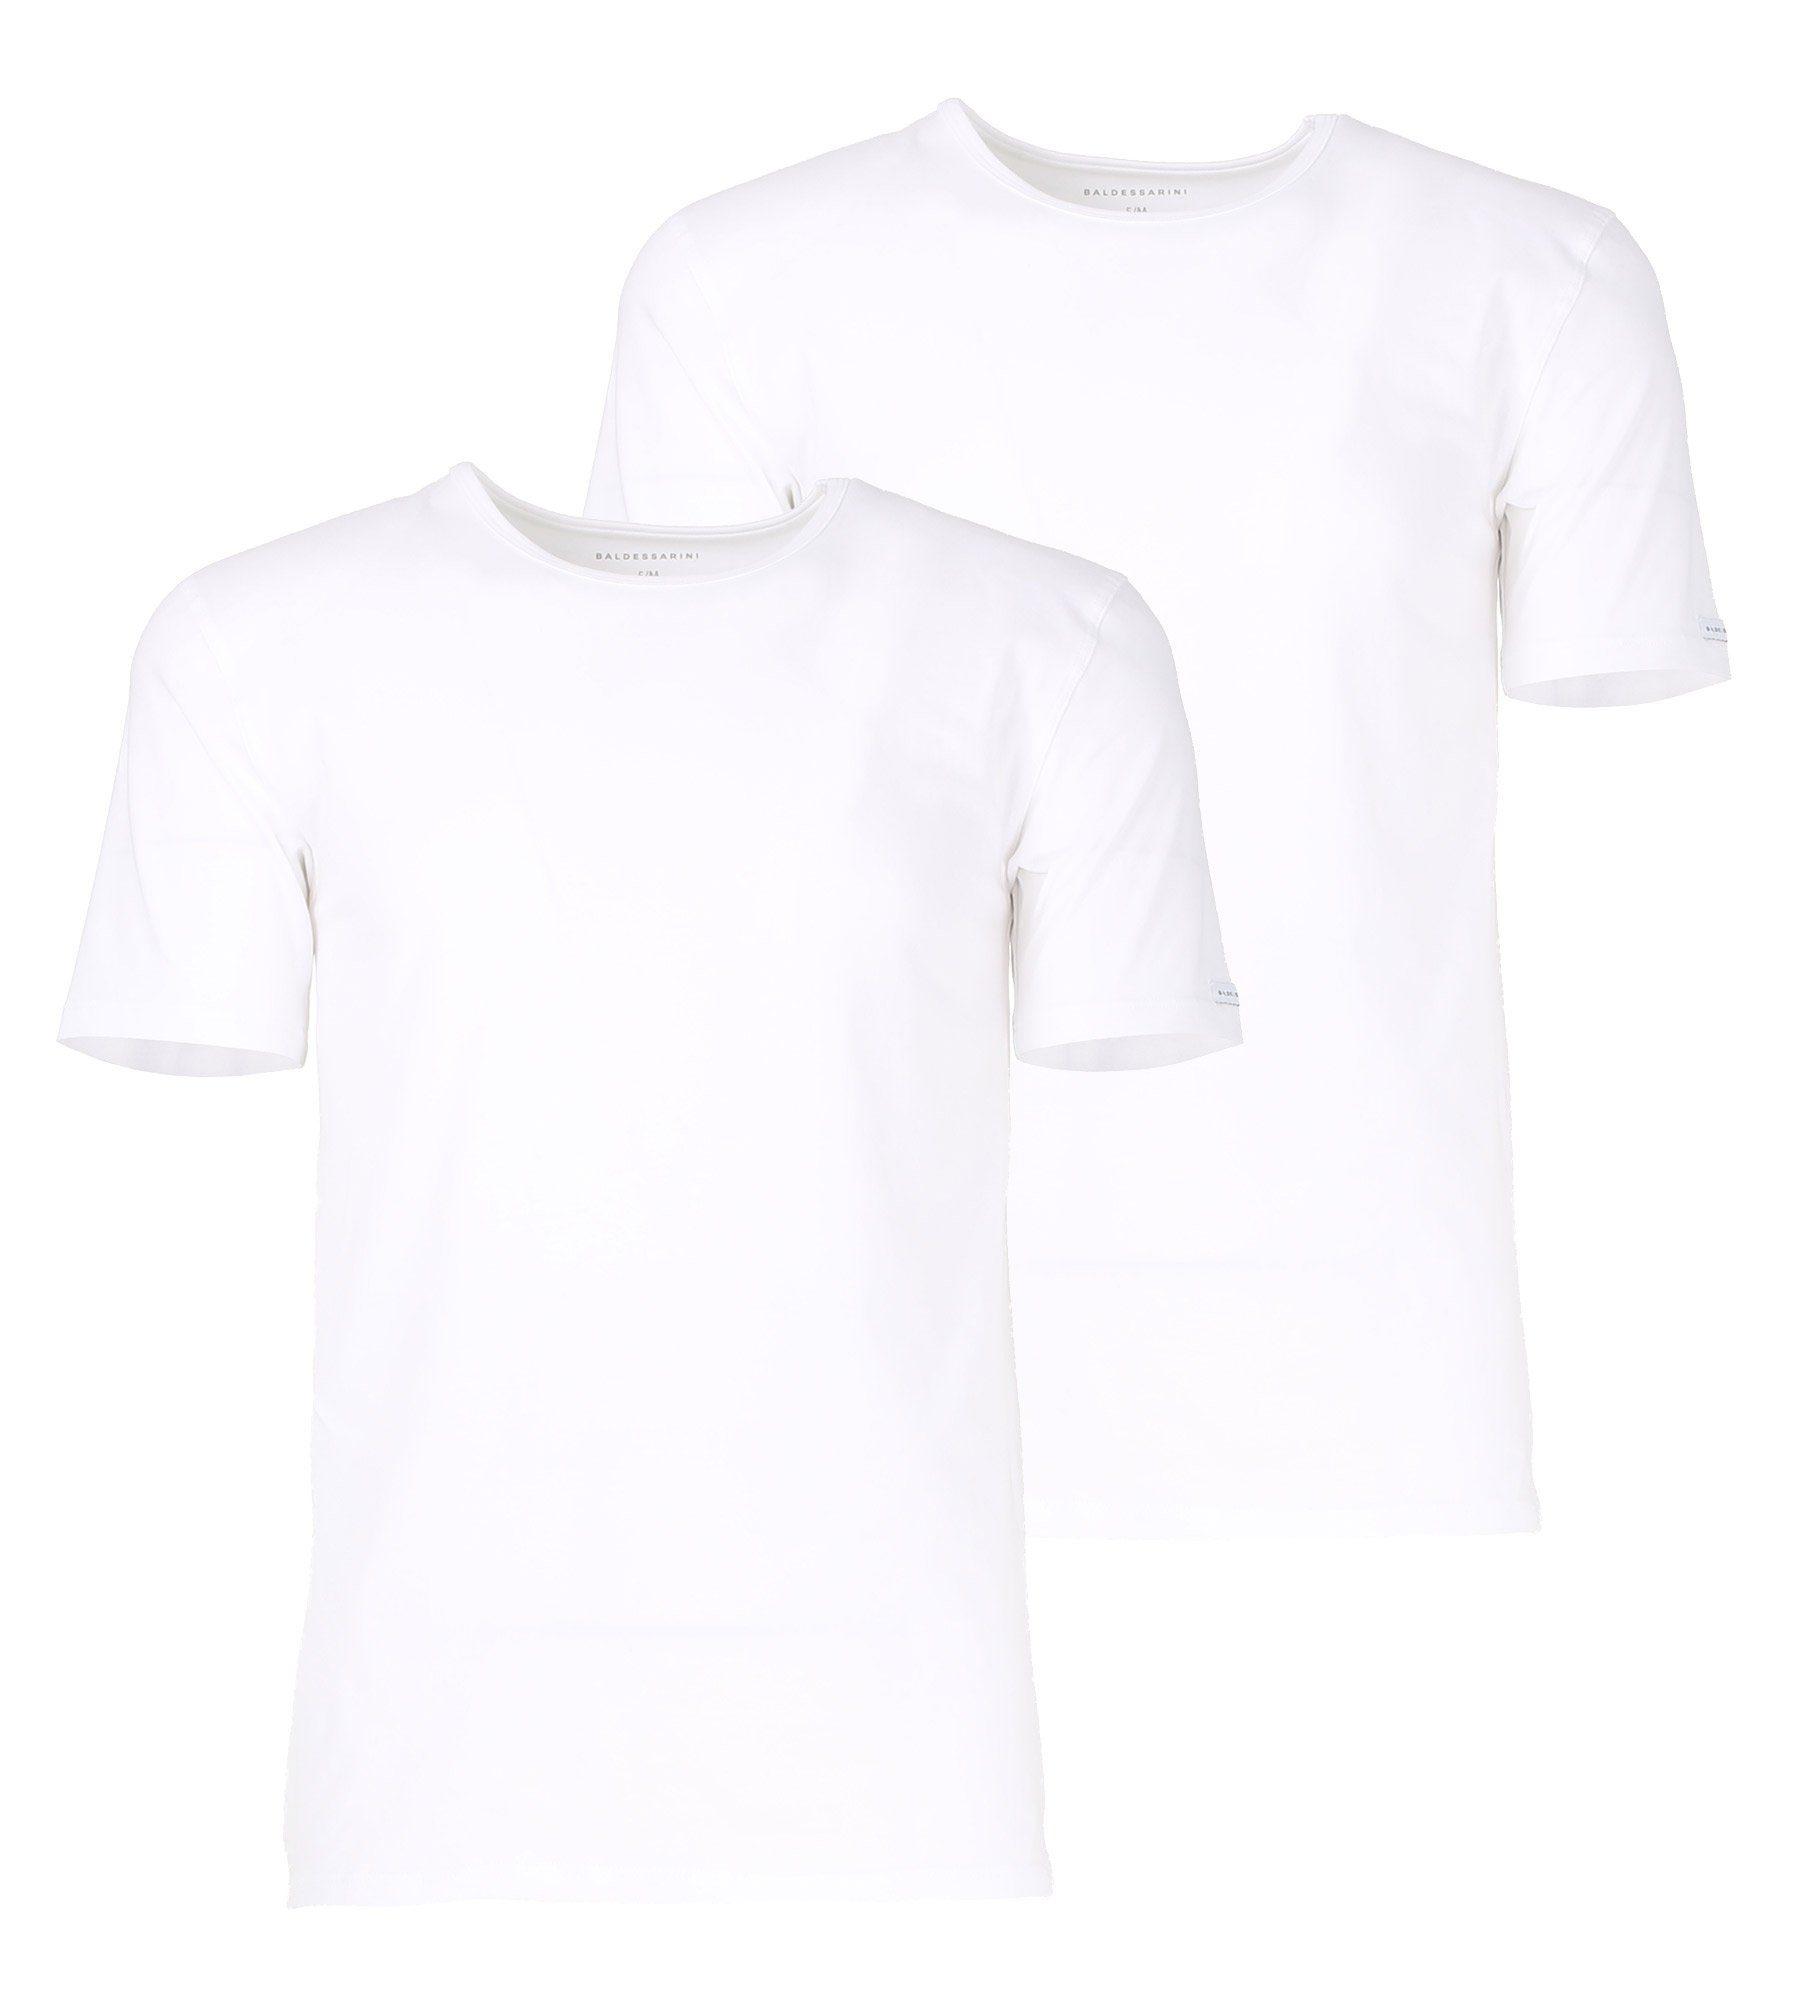 Top Vohukila-Look Paillettenbesatz Shirt Partyshirt Damen Weiß Aniston Rundhals